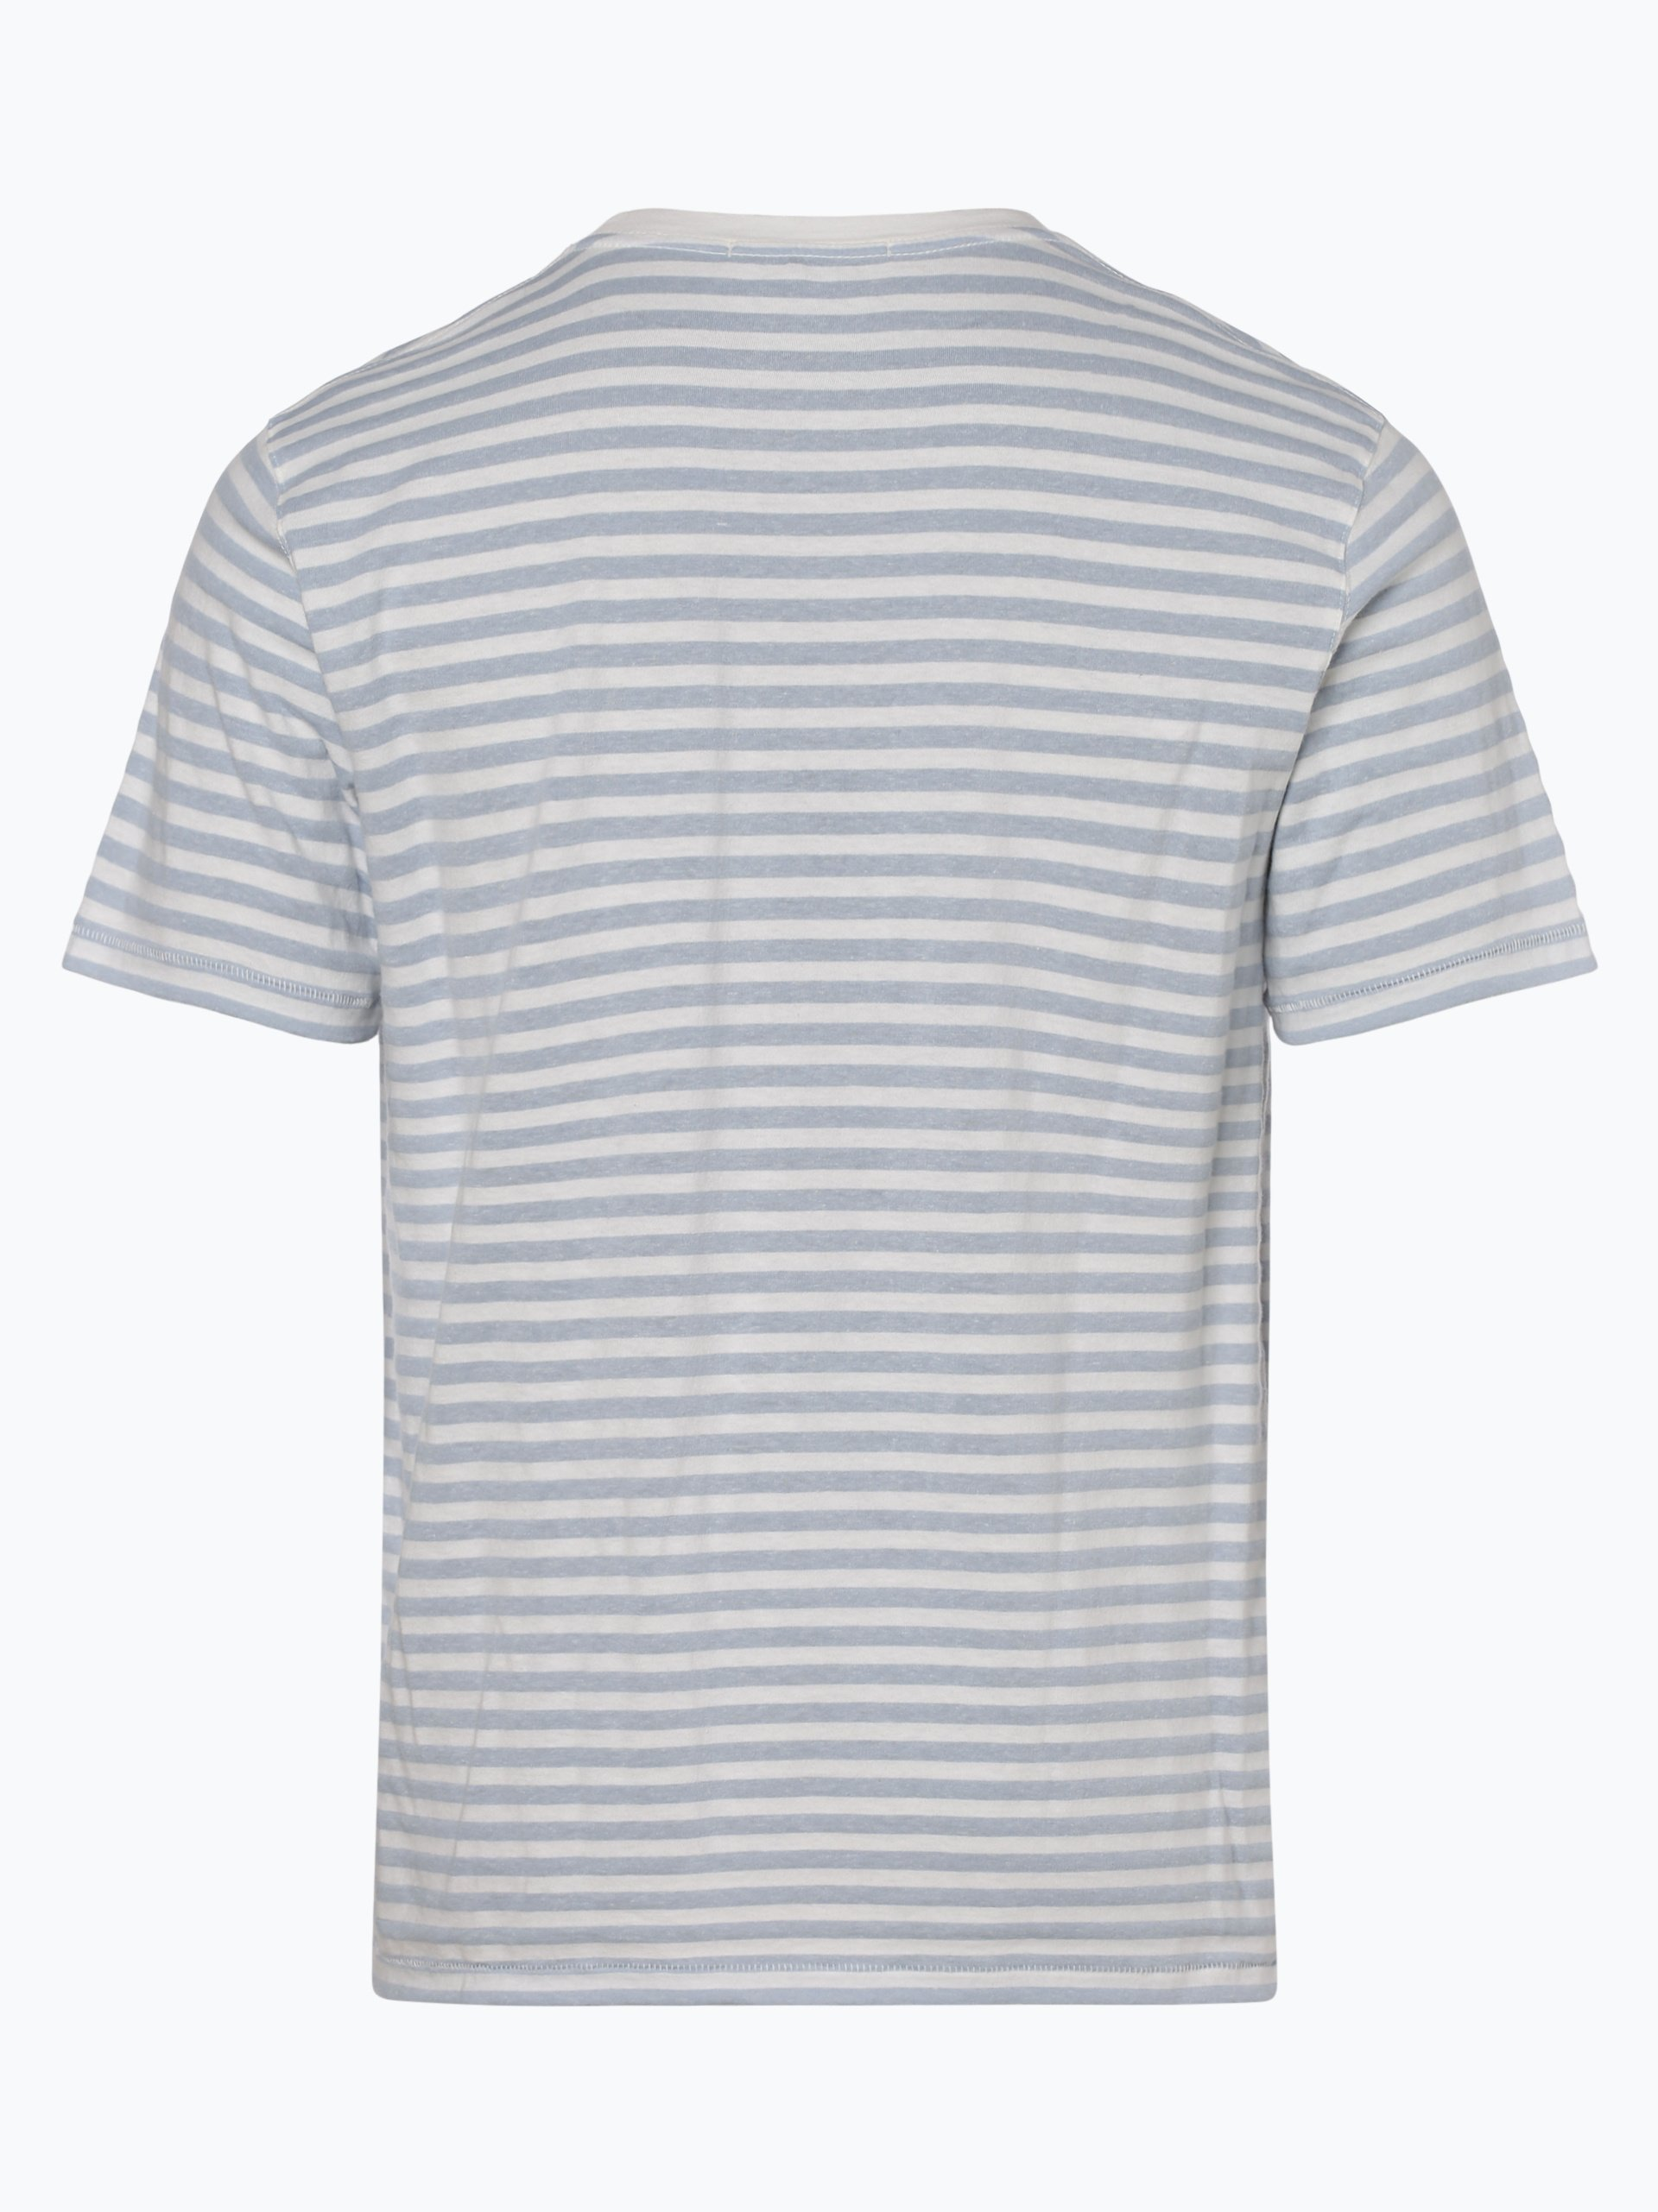 Drykorn Herren T-Shirt mit Leinen-Anteil - Samuel